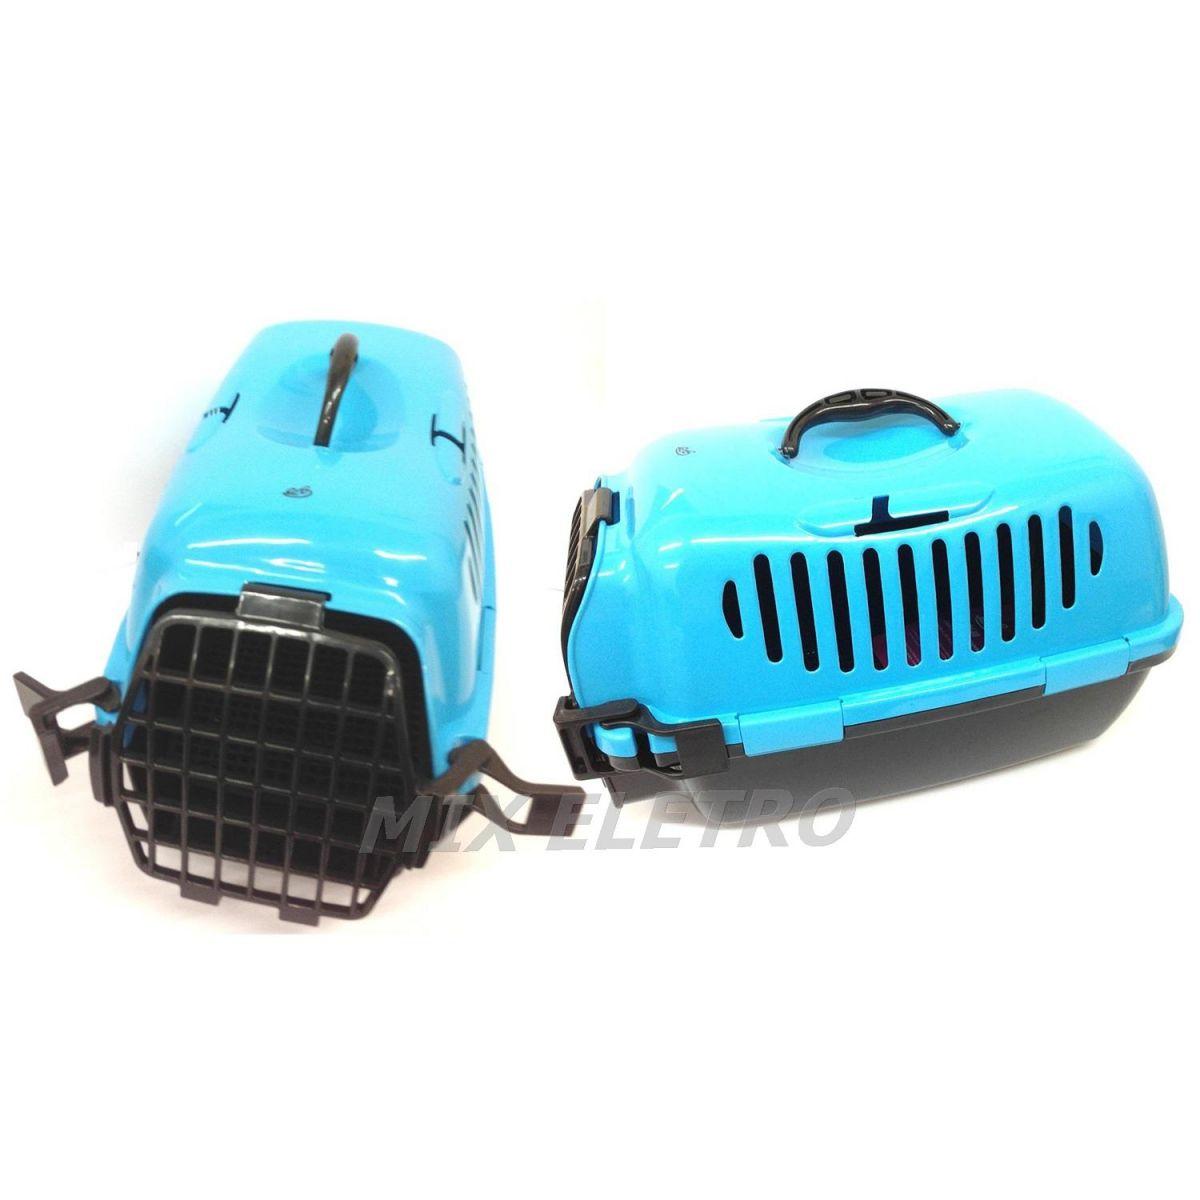 Caixa De Transporte Pet Para Cachorro E Gato Tamanho: 50 x 29 x 30cm  - Mix Eletro